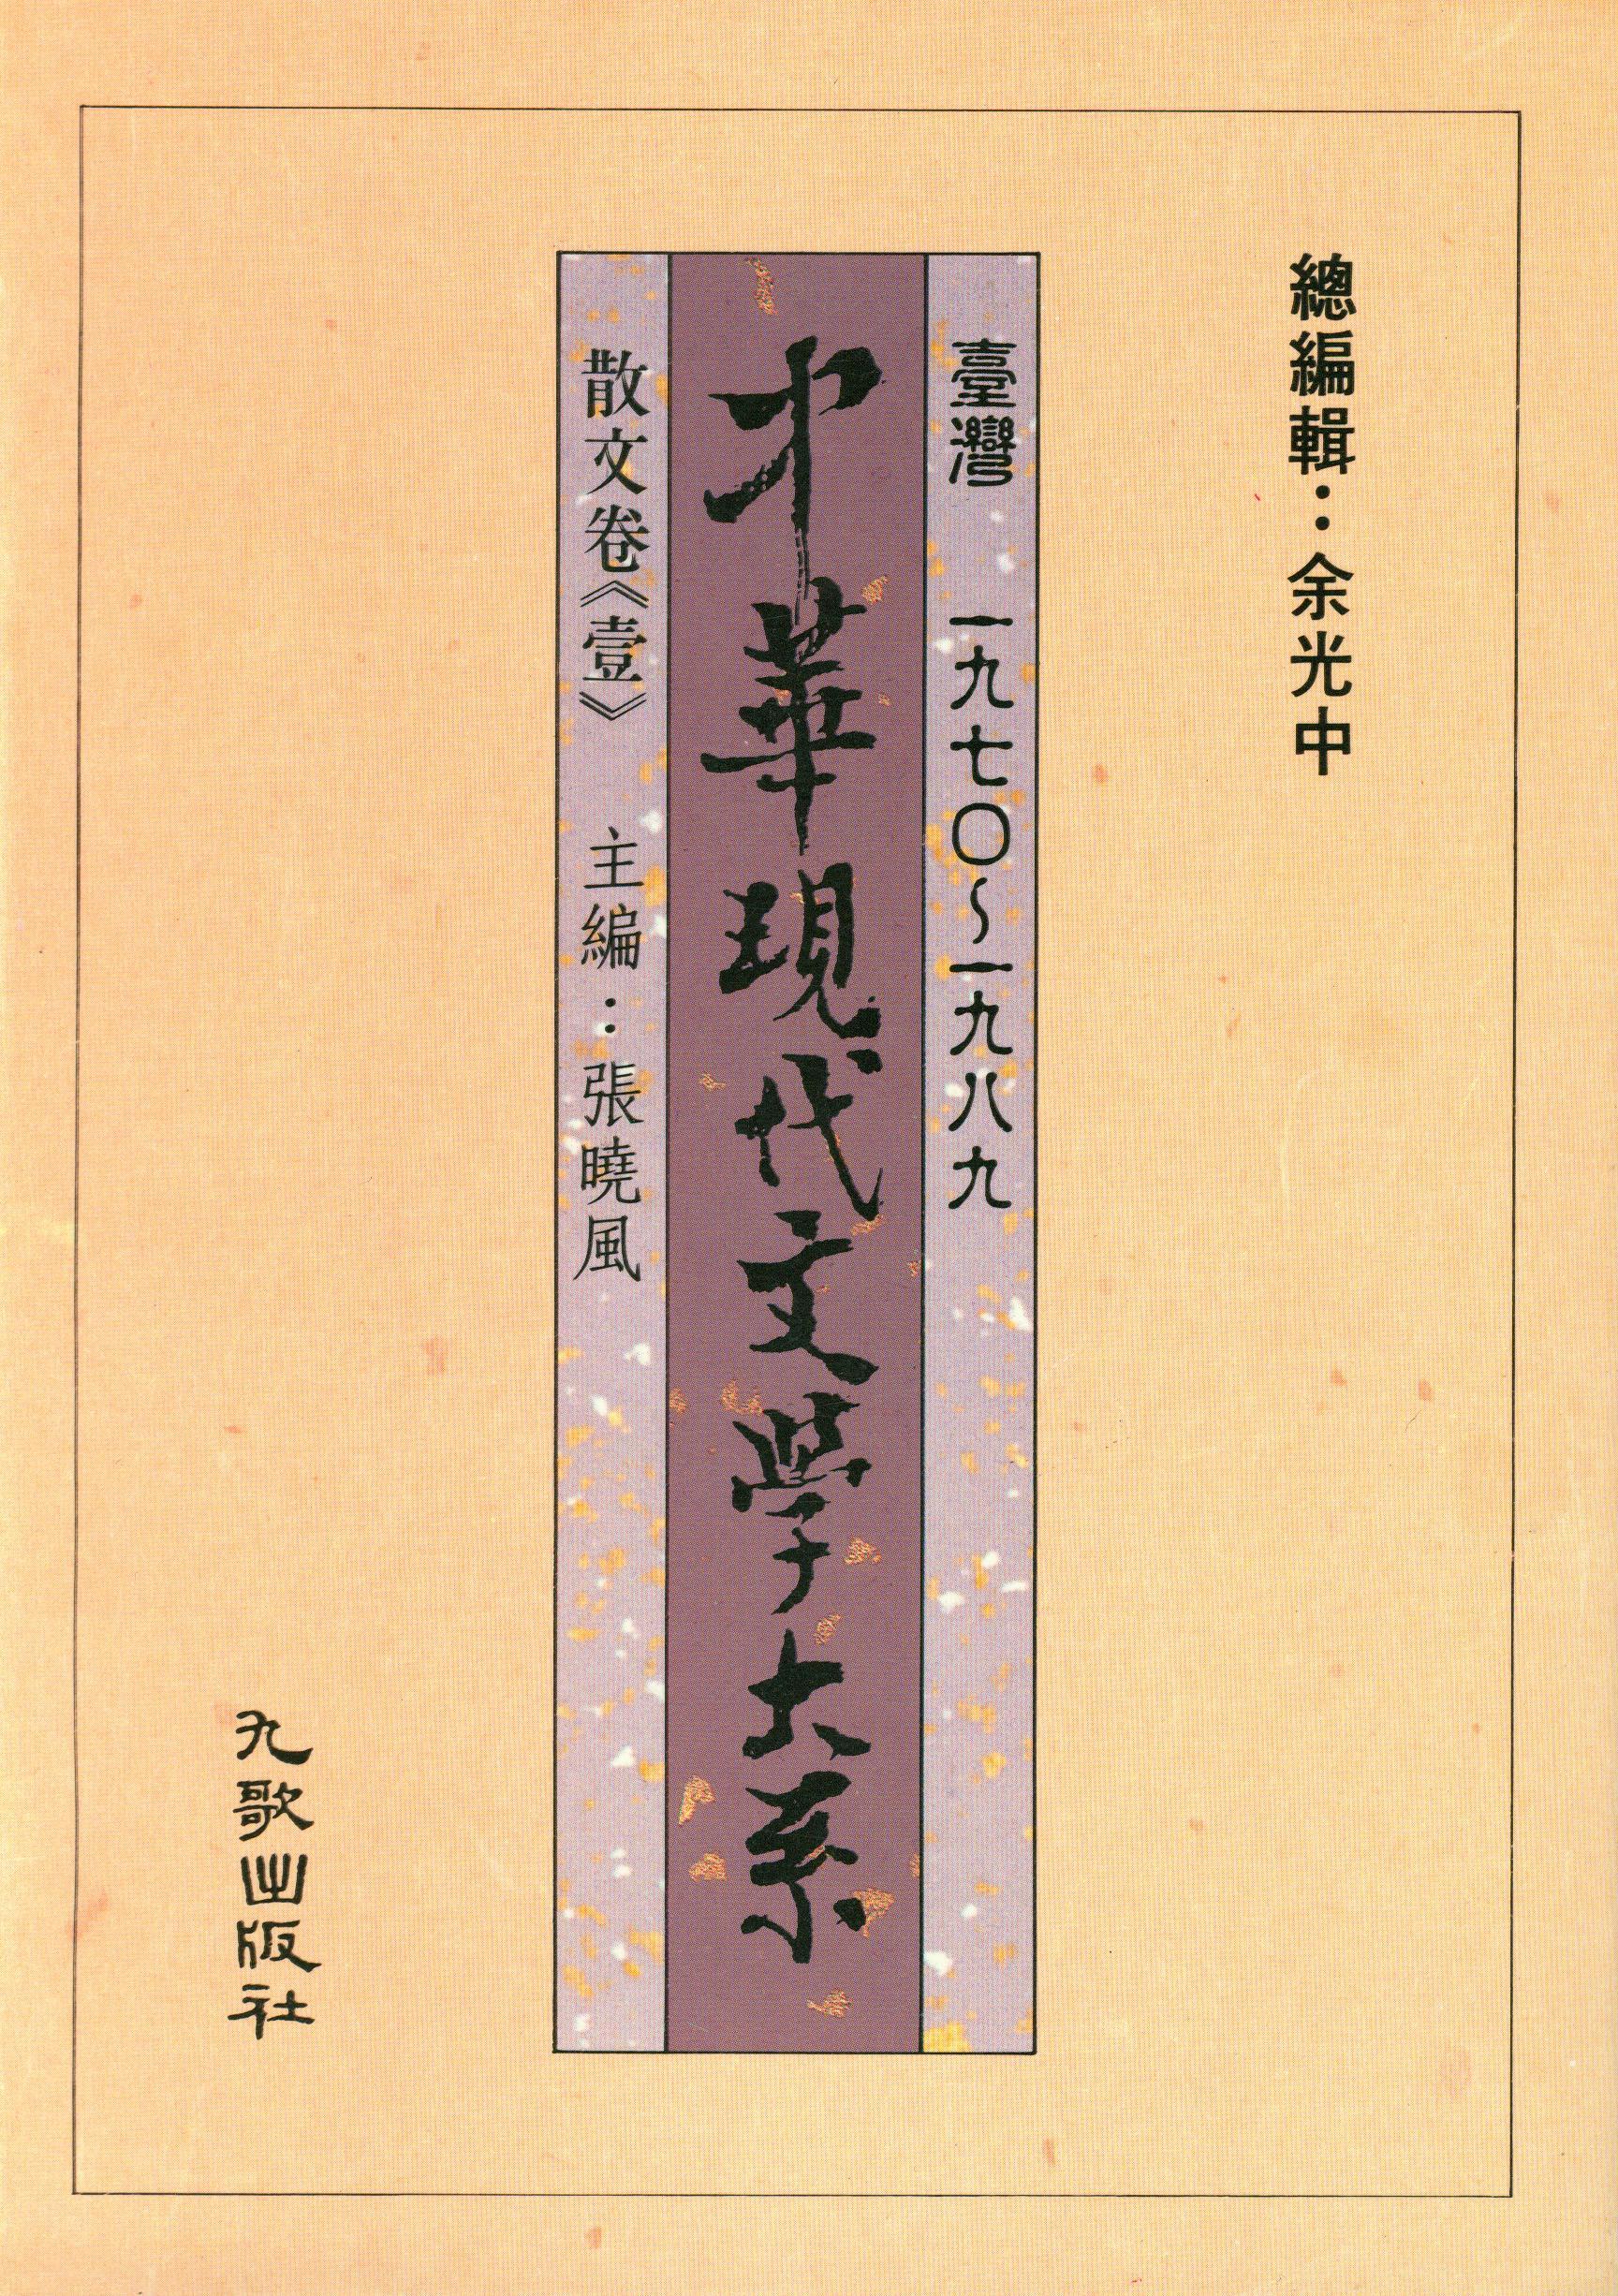 K0003中華現代文學大系(一)散文卷1